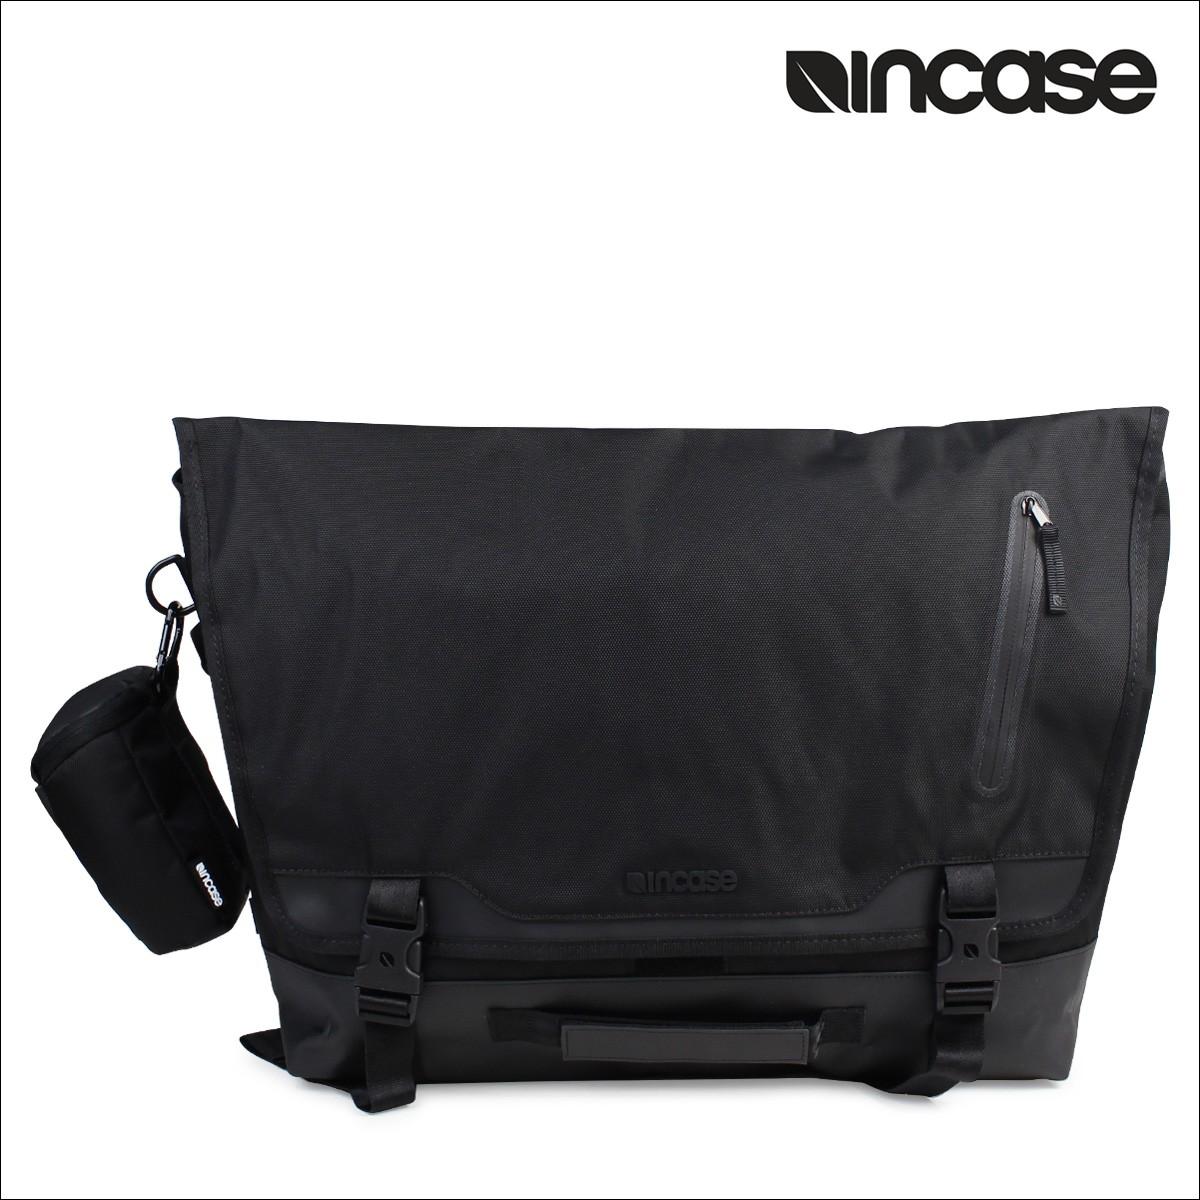 INCASE インケース バック ショルダー メッセンジャーバッグ SPORT MESSENGER INCO200284 メンズ レディース ブラック [1/17 再入荷]